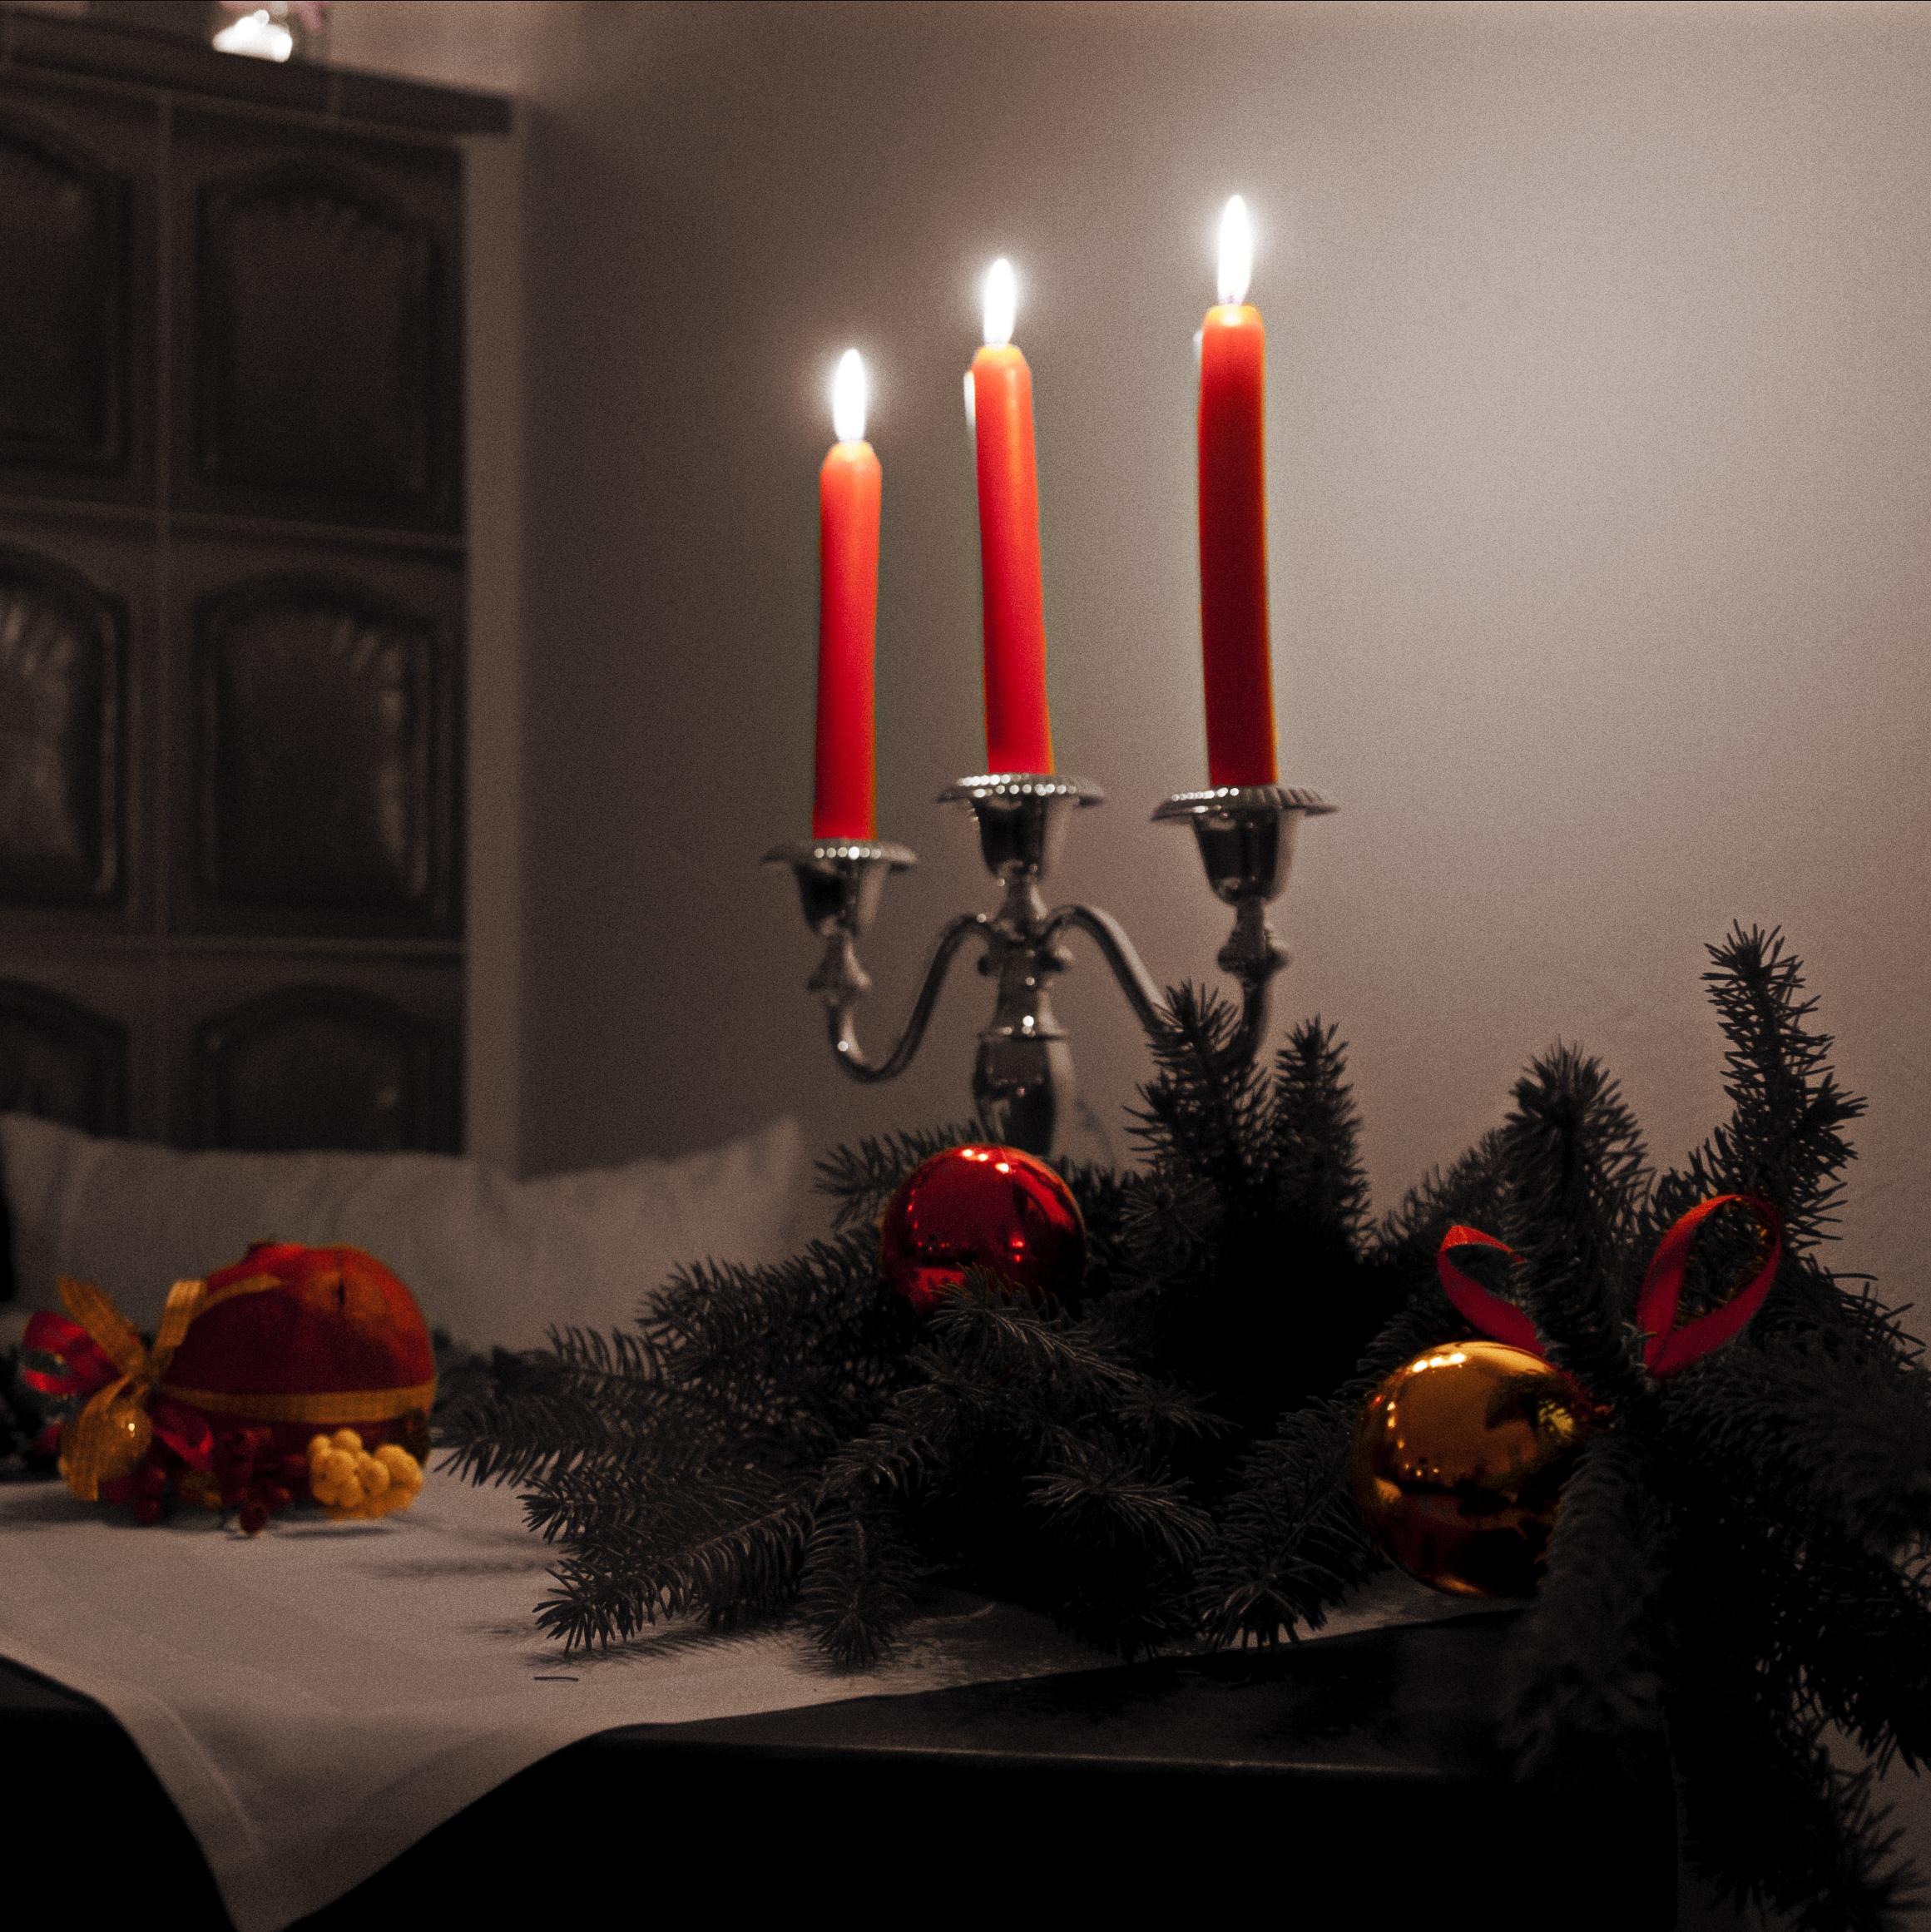 unsere ffnungszeiten an den feiertagen. Black Bedroom Furniture Sets. Home Design Ideas